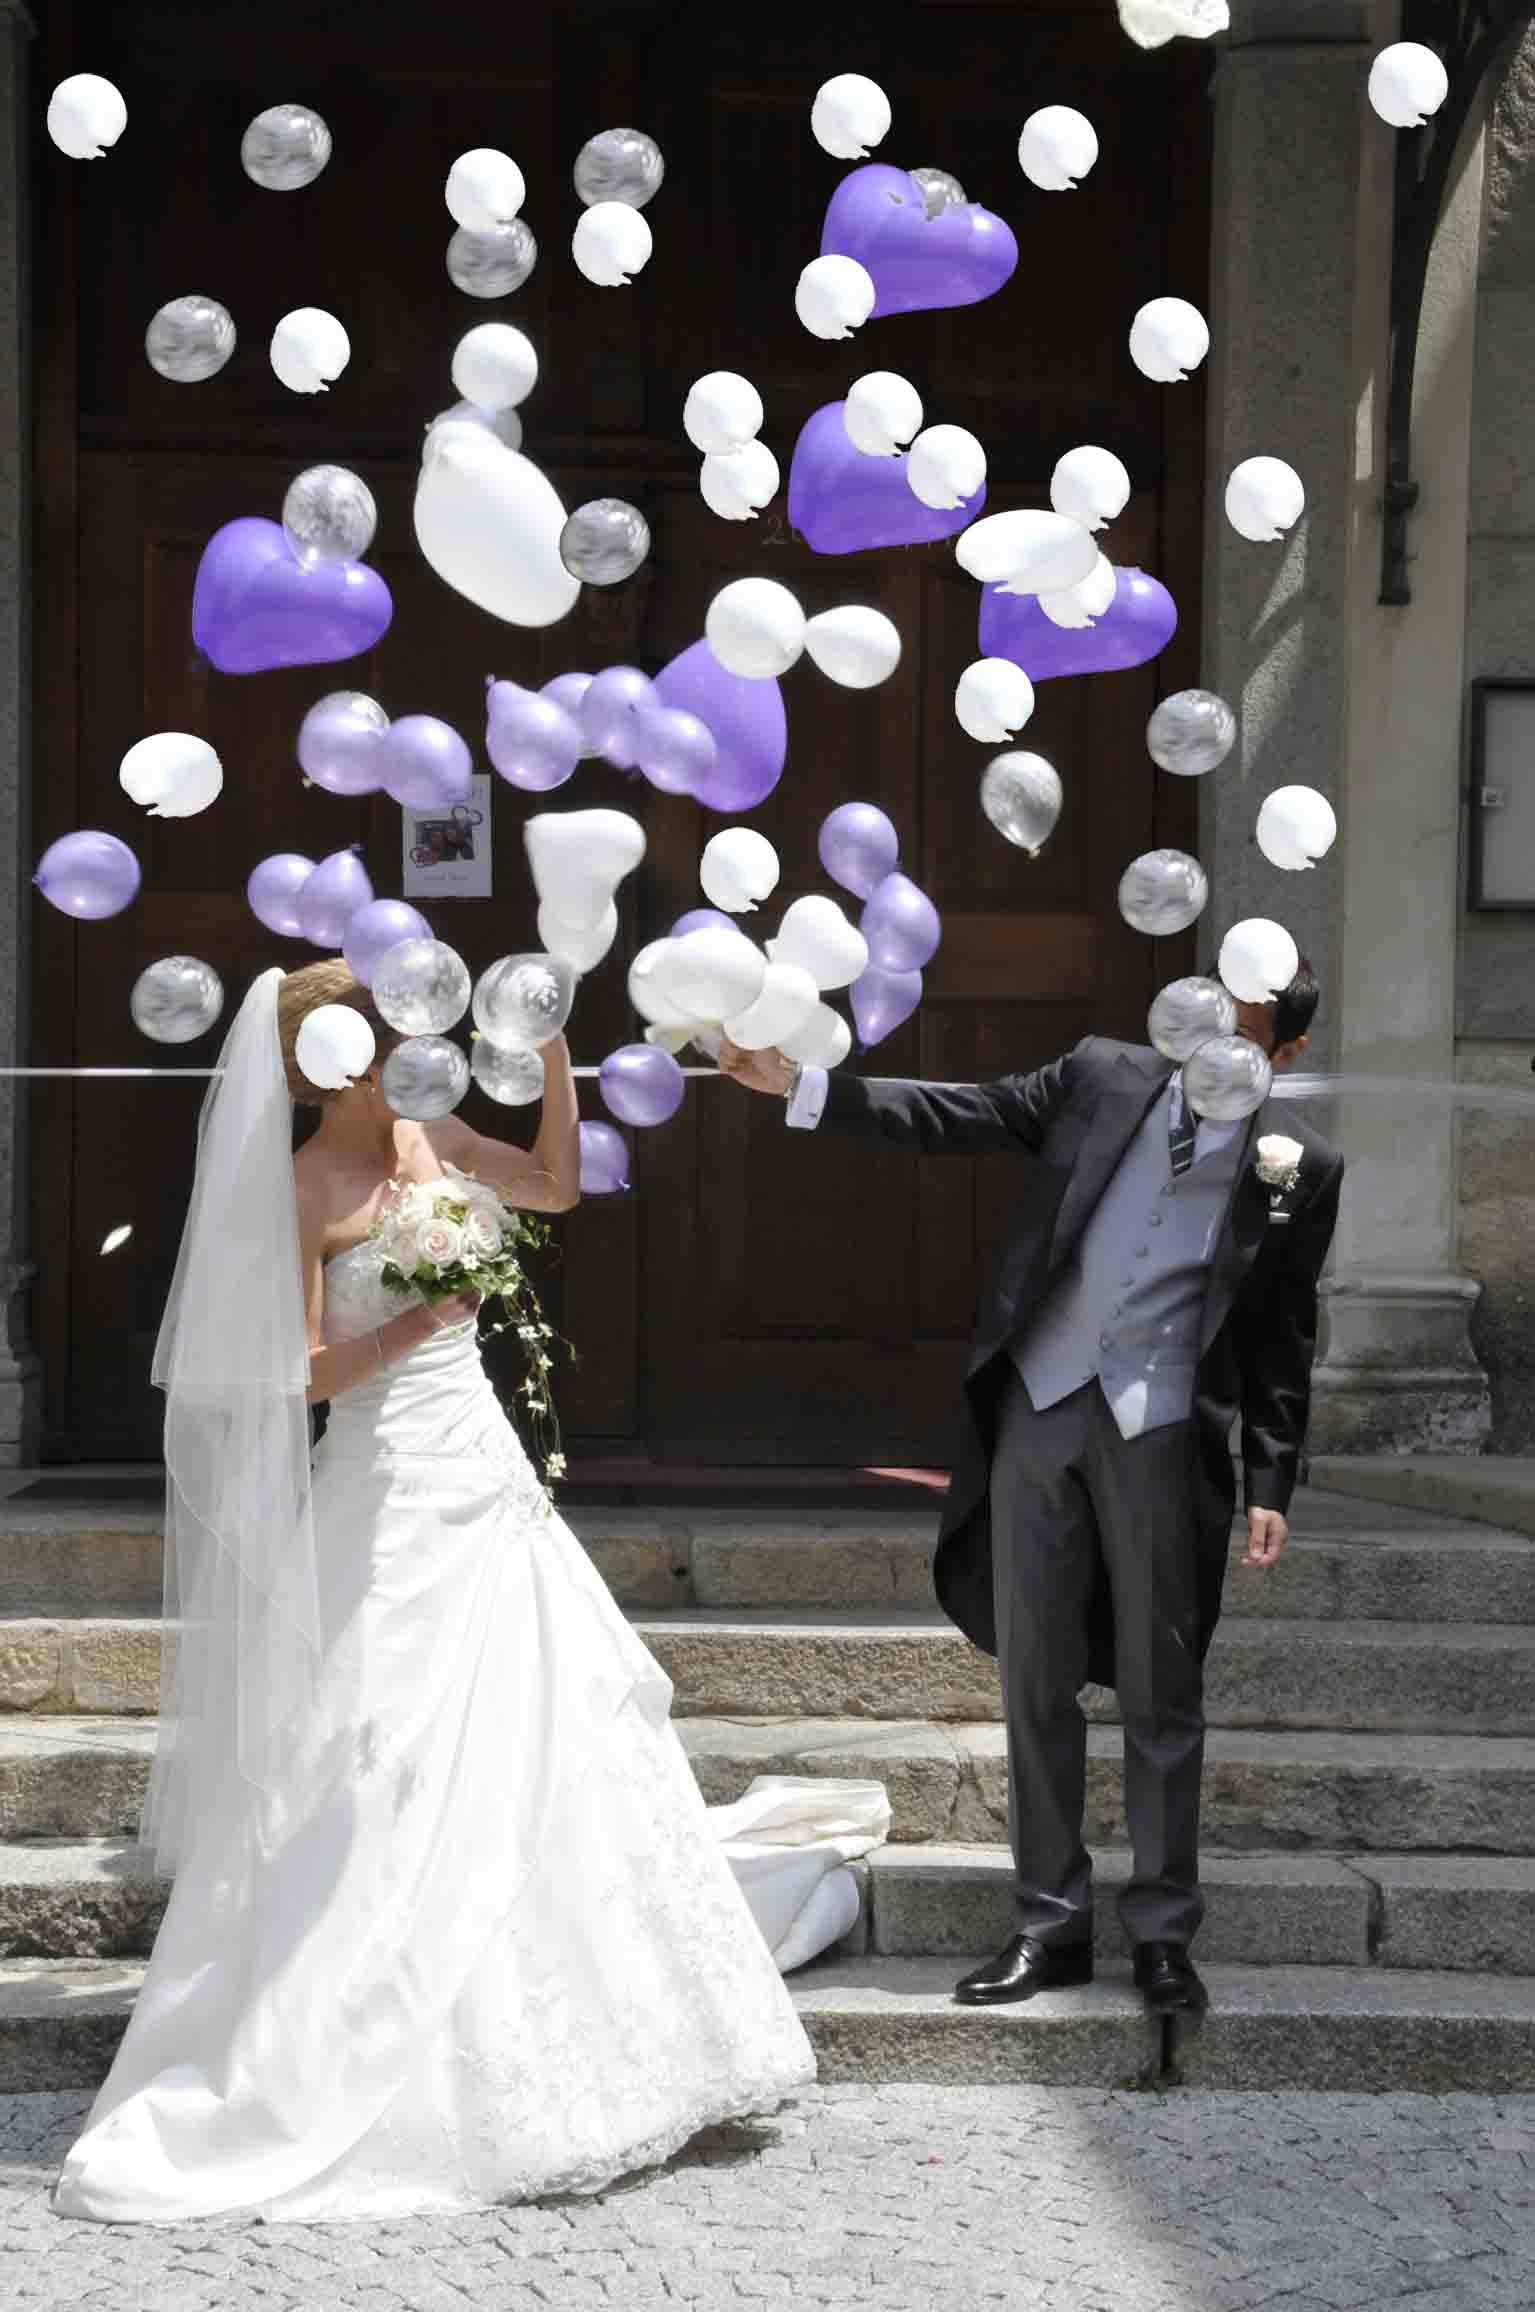 Estremamente Mongolfiera con Palloncini all'interno per Matrimonio NK46